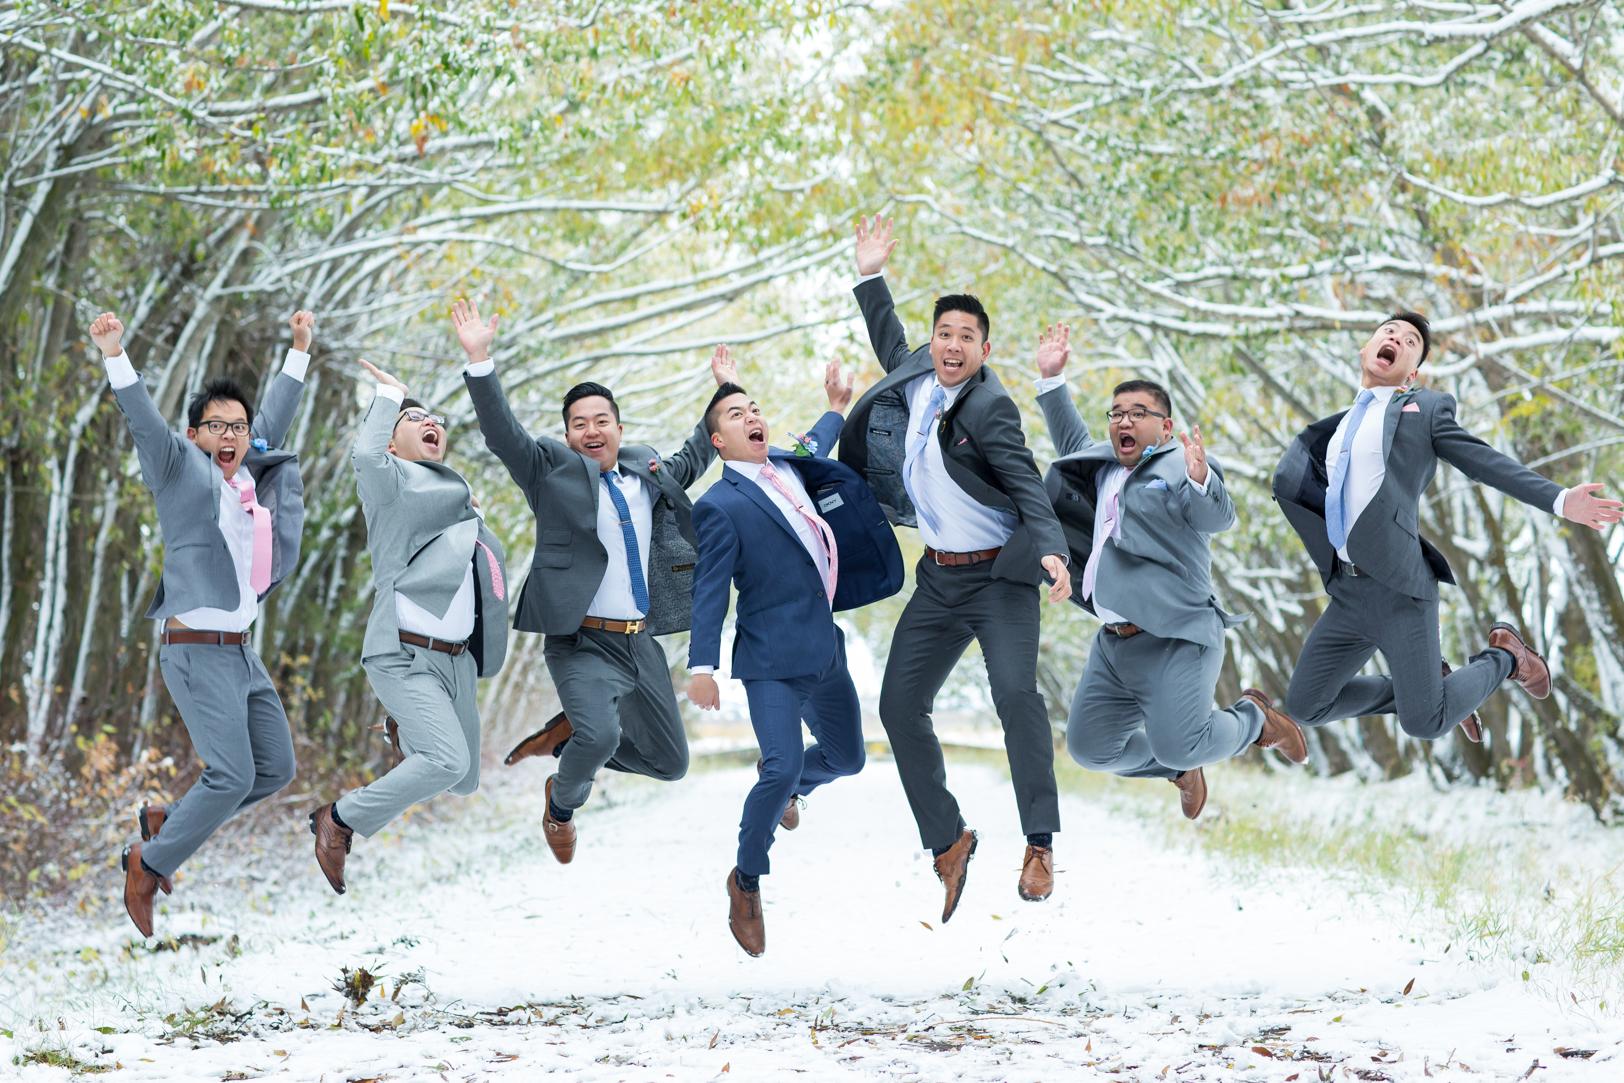 Groomsmen jumping - Edmonton Autumn Wedding